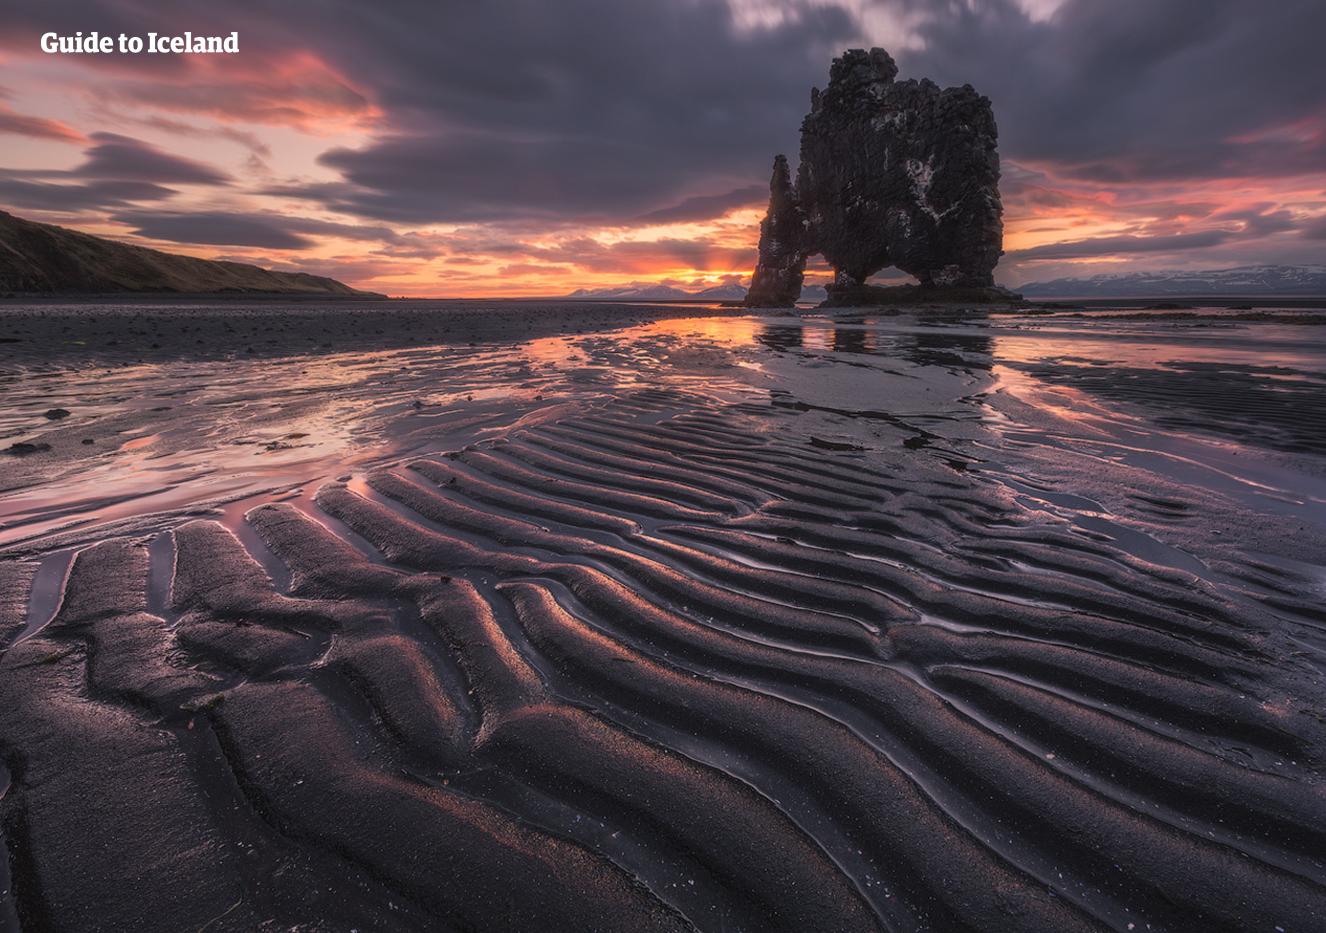 Półwysep Vatnsnes leży na północy Islandii gdzie znajduje się imponujący monolit Hvítserkur.